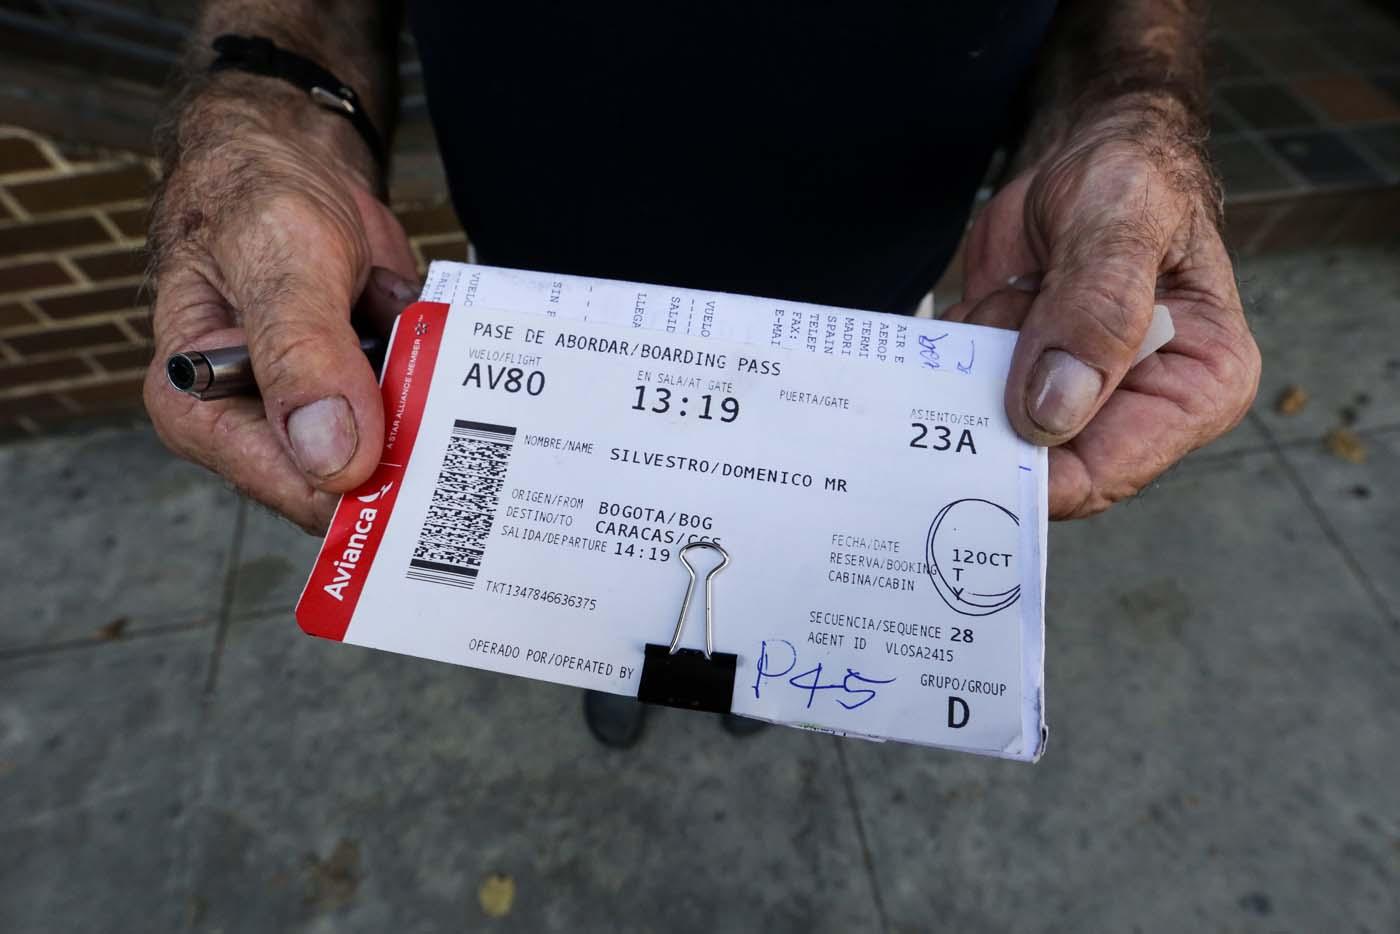 ACOMPAÑA CRÓNICA: VENEZUELA AEROLÍNEAS CAR203. CARACAS (VENEZUELA), 20/10/2016.- Un hombre muestra un boleto de avión que intentaba cambiar tras perder su vuelo en una oficina de la aerolínea colombiana Avianca hoy, jueves 20 de octubre de 2016, en Caracas (Venezuela). La merma de aerolíneas, de frecuencias y de asientos obliga a los venezolanos a sortear cada vez mayores obstáculos para hacerse con un boleto aéreo internacional, la mayoría de ellos solo abonables en moneda extranjera, en medio de la crisis que aqueja al país caribeño. EFE/CRISTIAN HERNÁNDEZ